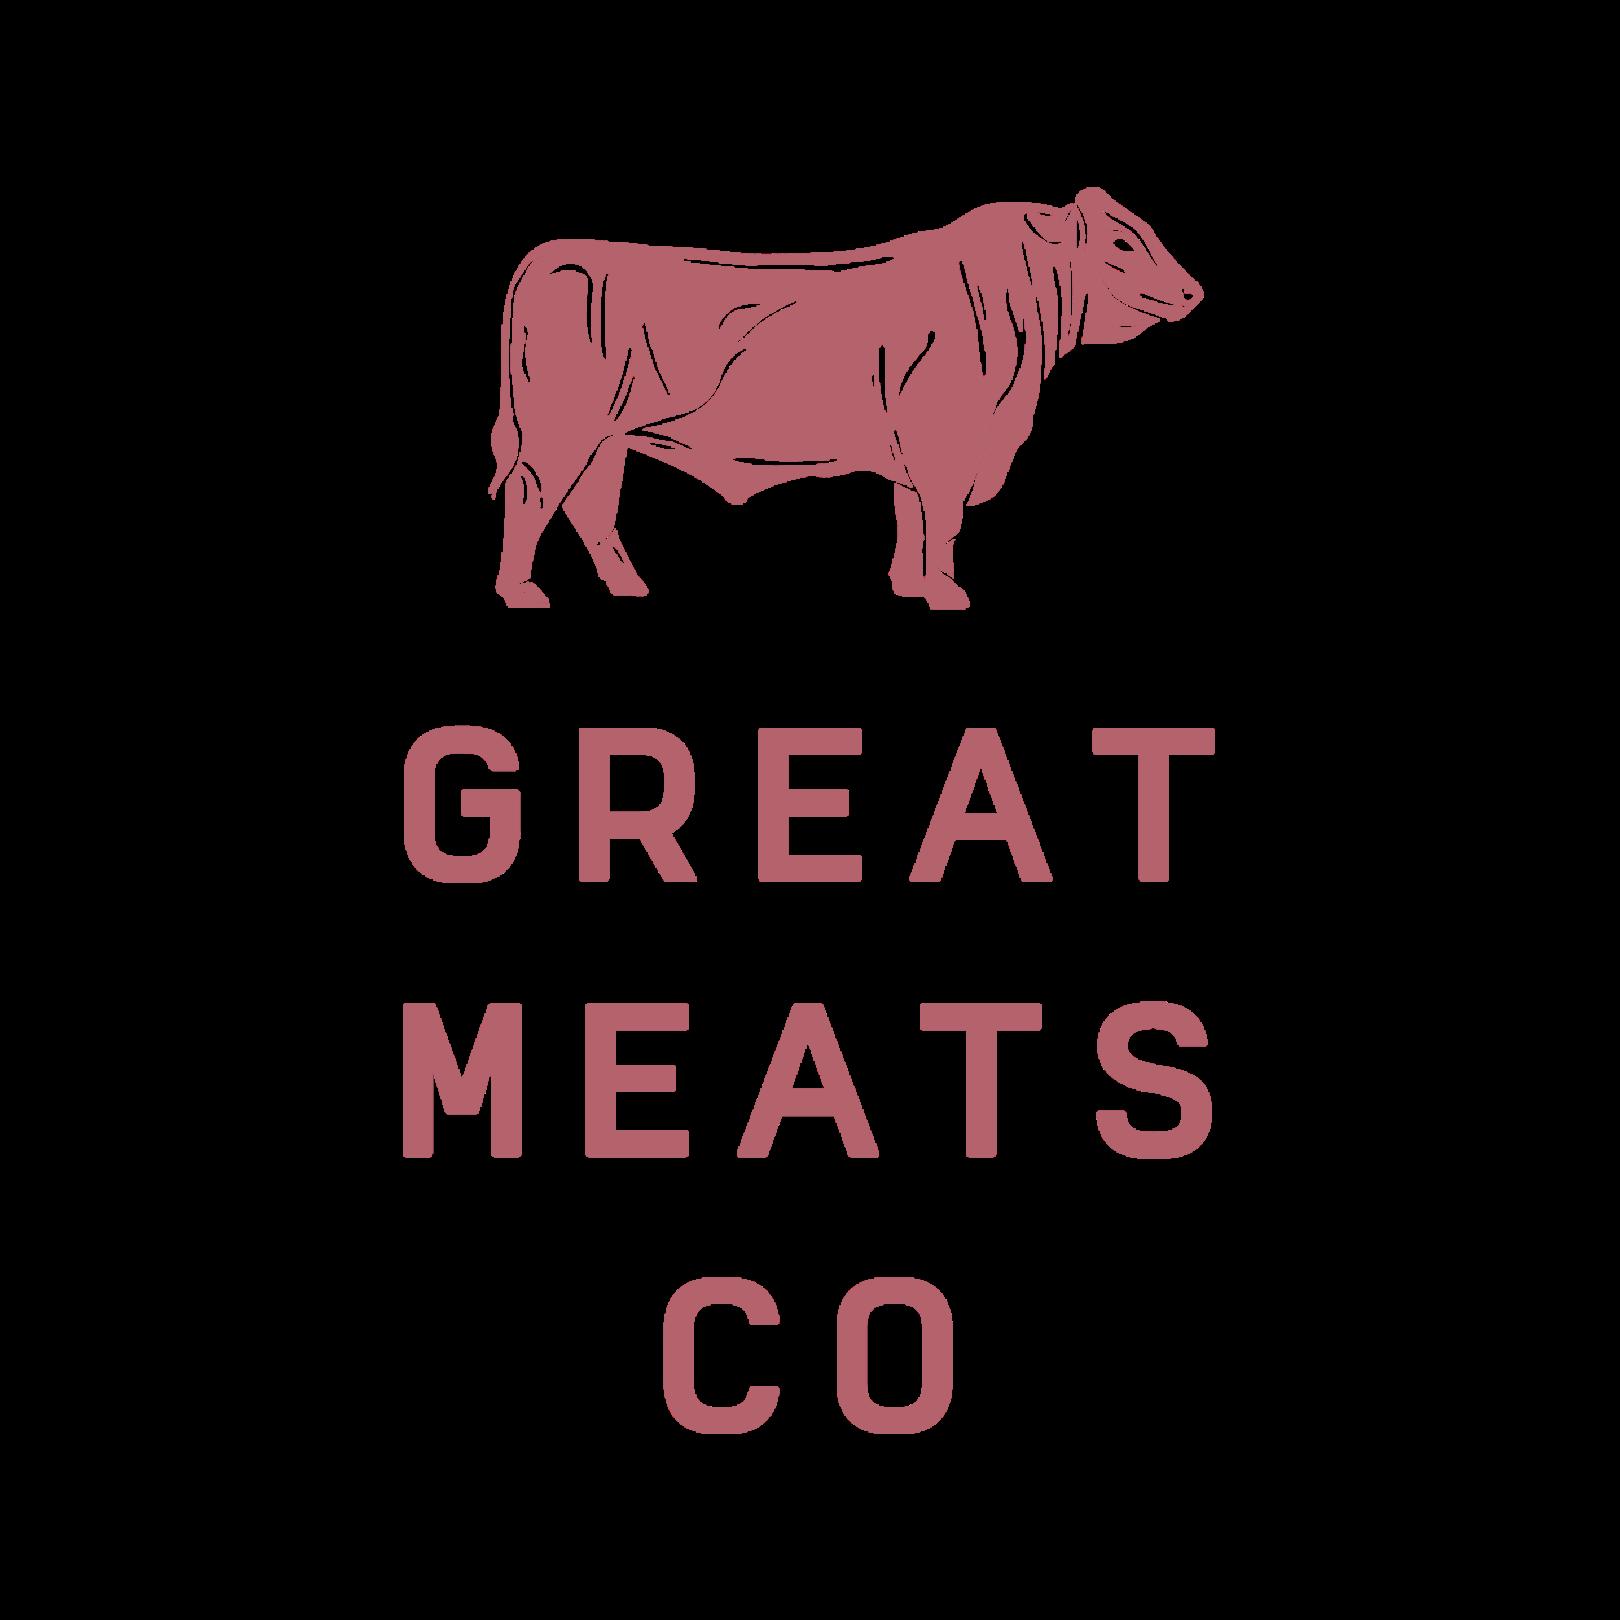 Great Meats